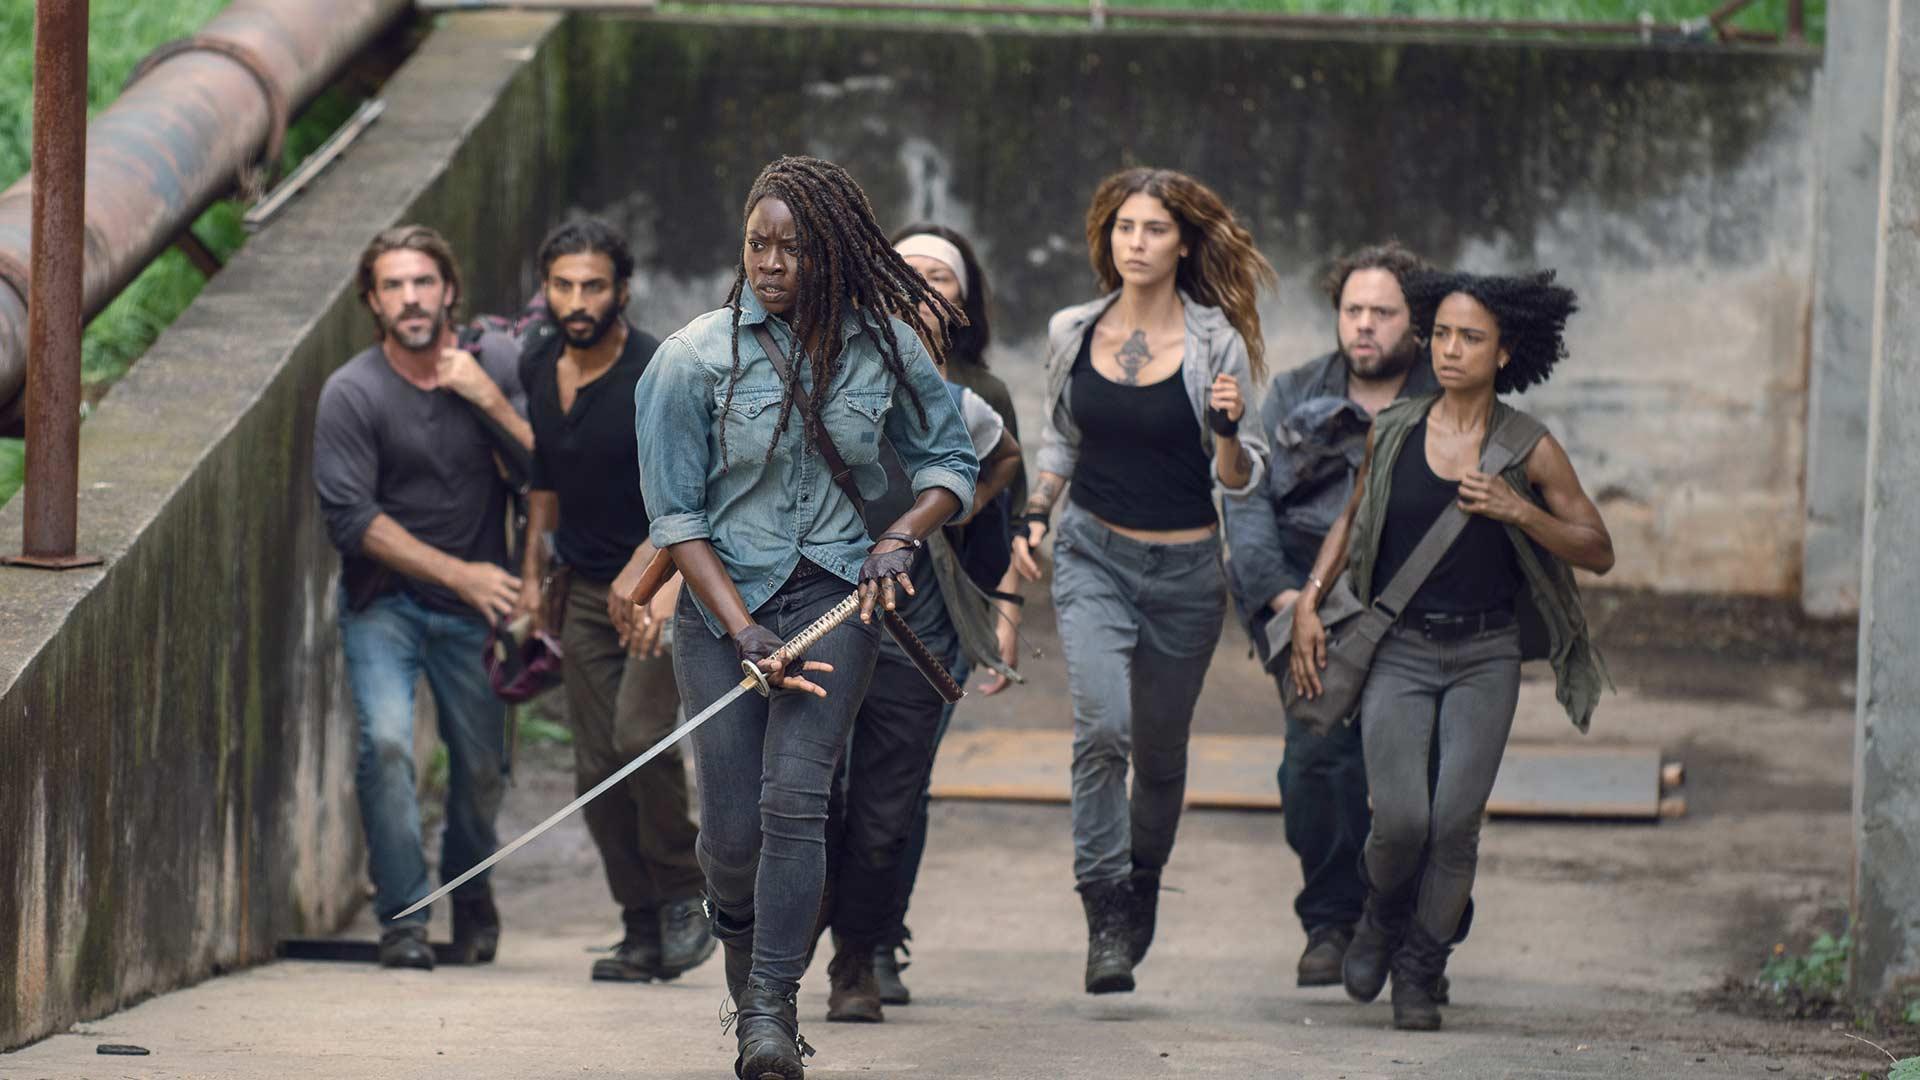 telecharger the walking dead saison 8 gratuit